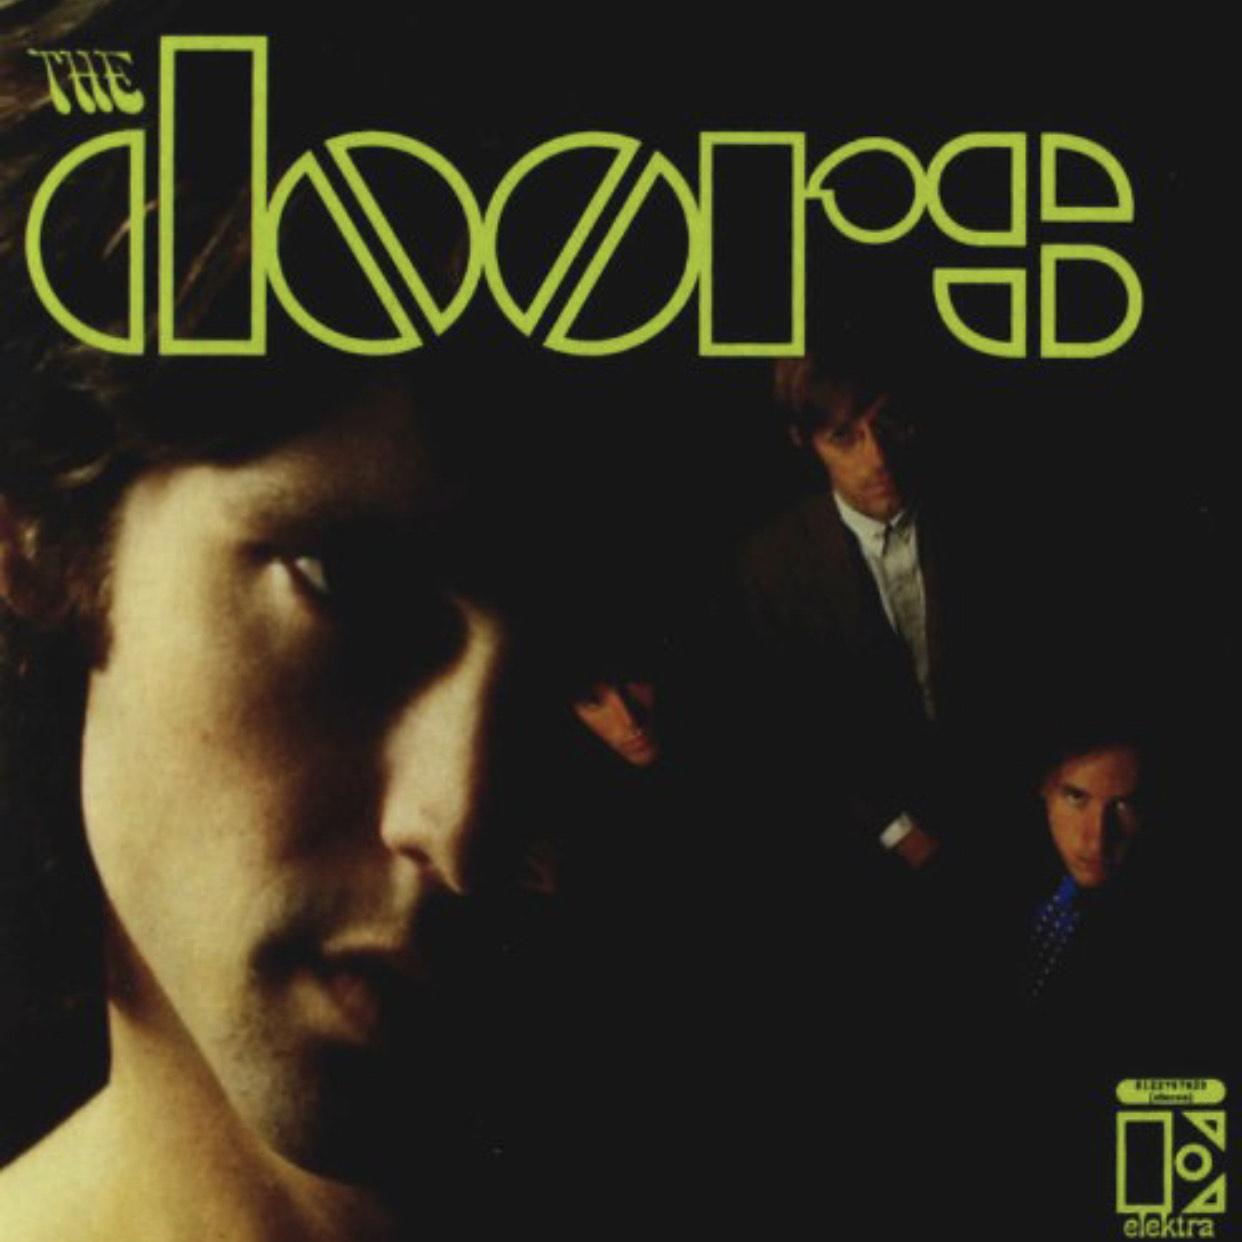 Discografia The Doors en cd remasterizados